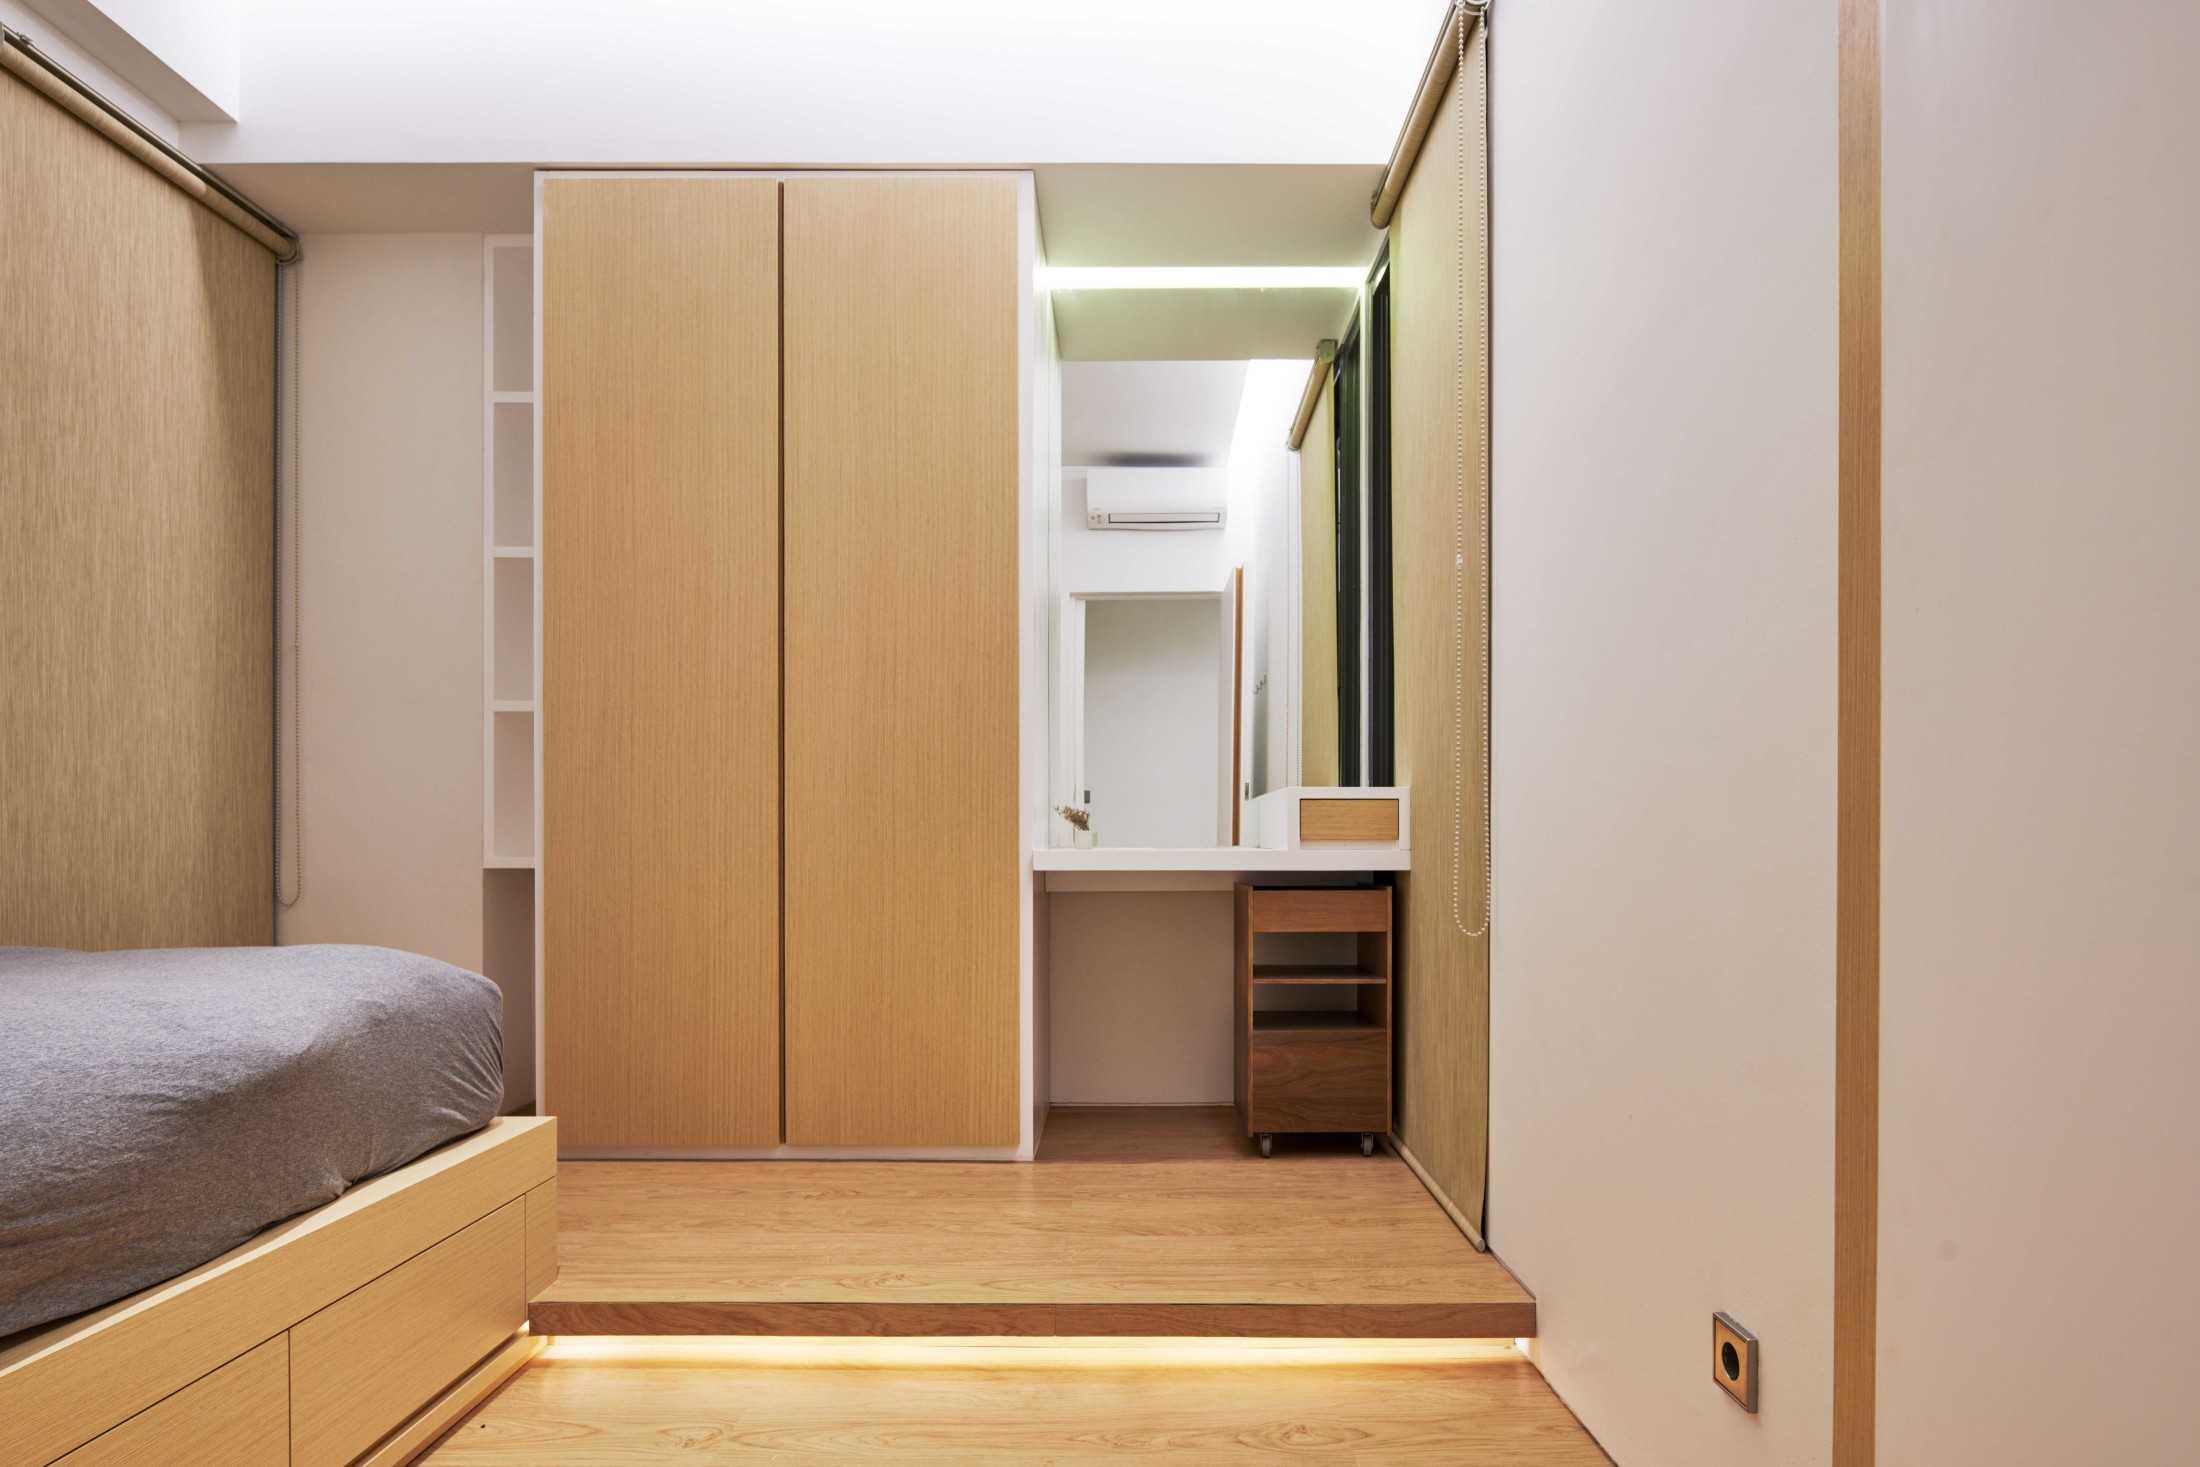 Furnitur multifungsi minim ukiran, proyek Marigold Apartment karya Design Donk (Sumber: arsitag.com)